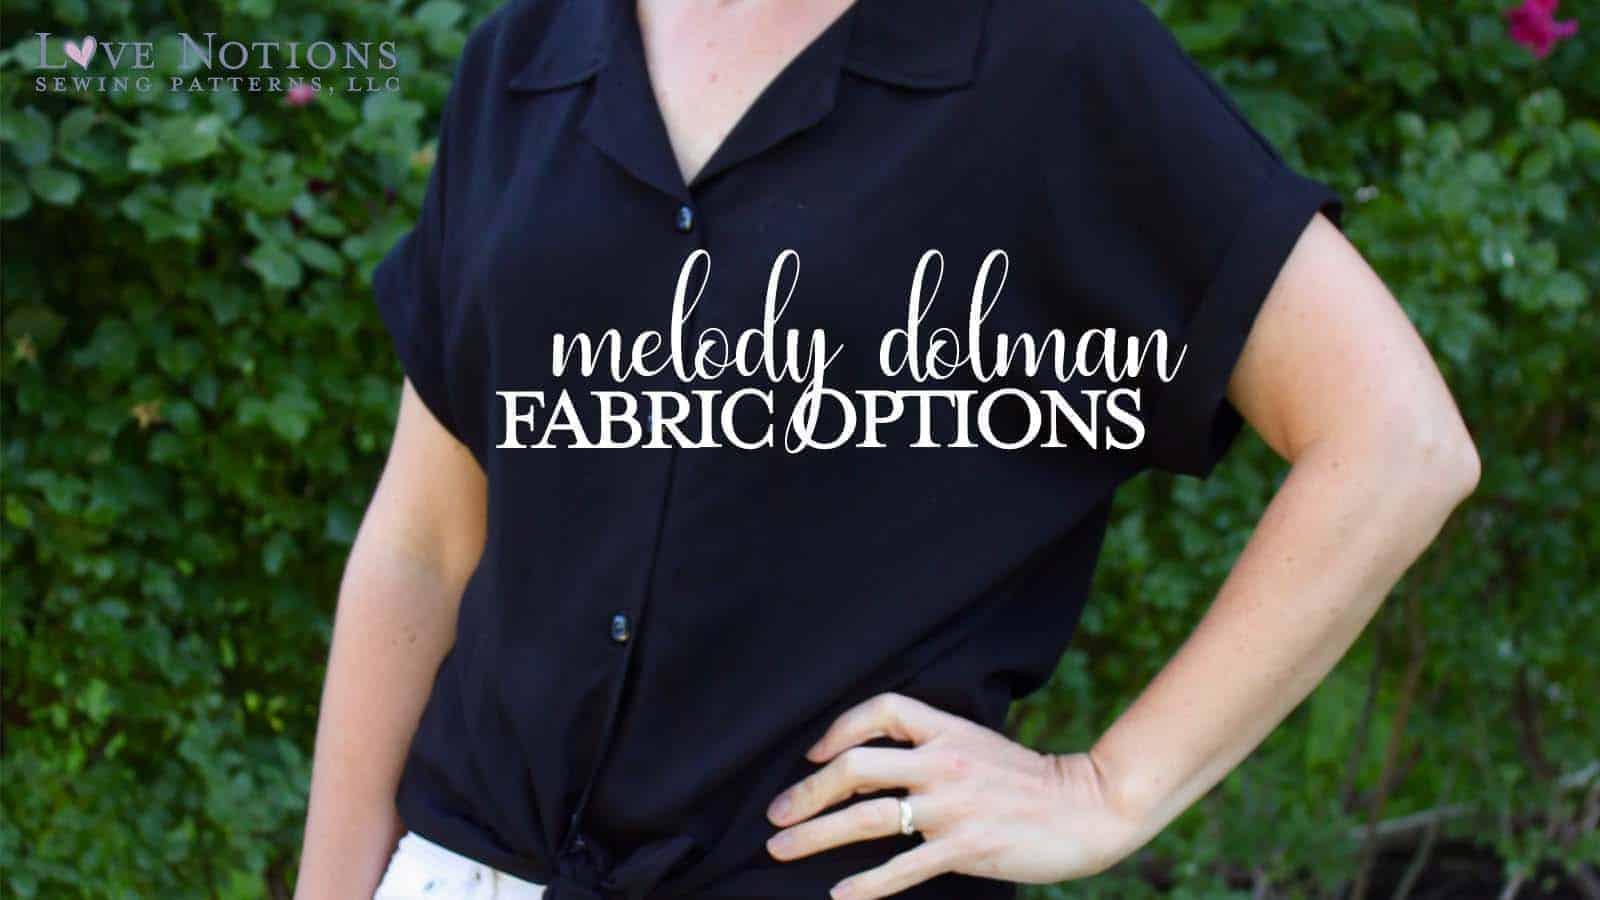 Melody dolman fabric